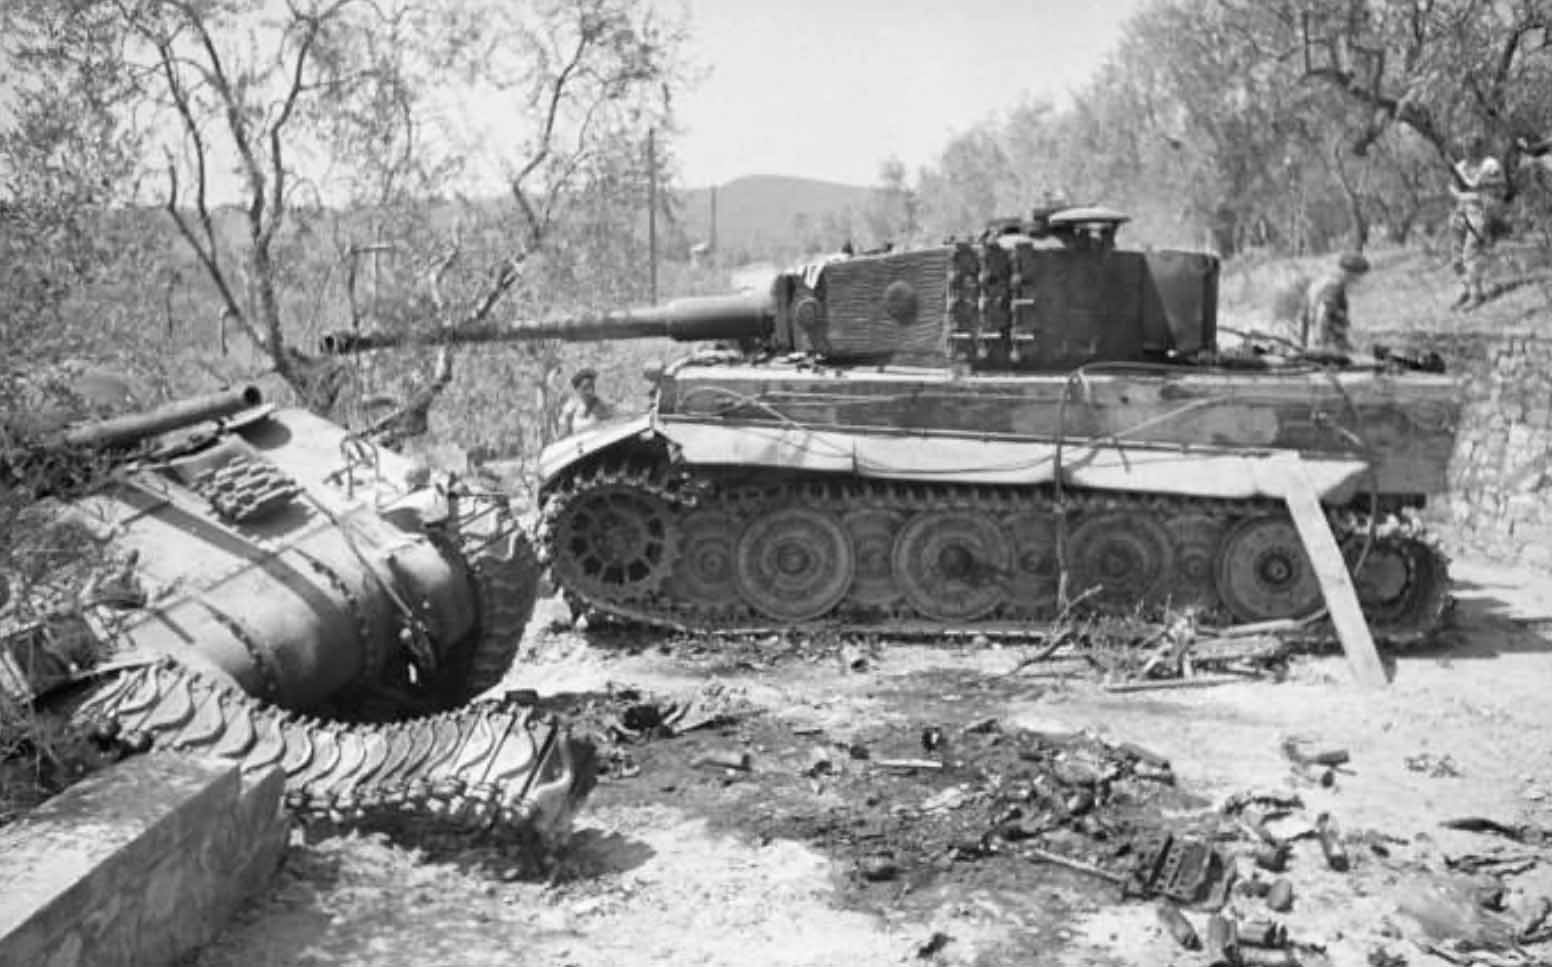 German Tiger Ausf E late (steel wheels), of schwere Panzer-Abteilung 508. Villa La Sfacciata Italy